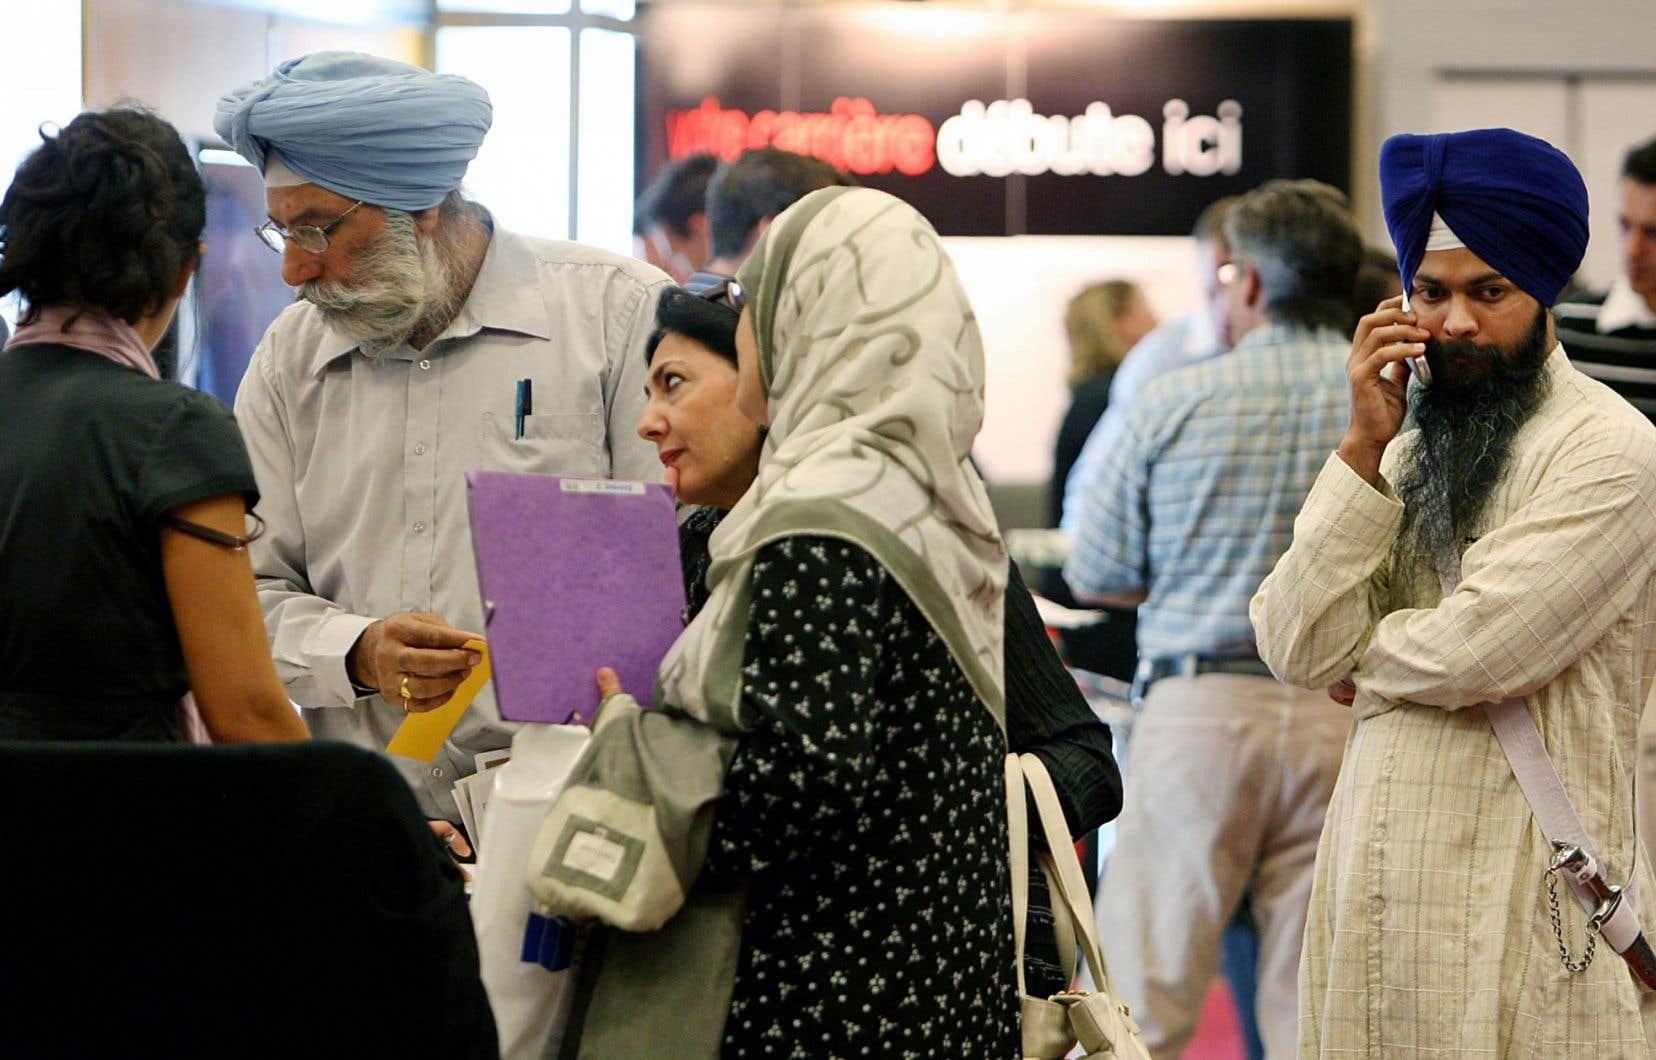 Le RAFIQ espère que ses demandes seront entendues, «car les femmes immigrantes vivent des réalités qui sont indignes d'un pays développé prônant fièrement la valeur de l'égalité hommes-femmes», assure la vice-présidente par intérim et ancienne présidente du Réseau d'action pour l'égalité des femmes immigrées et racisées du Québec (RAFIQ), Yasmina Chouakri.